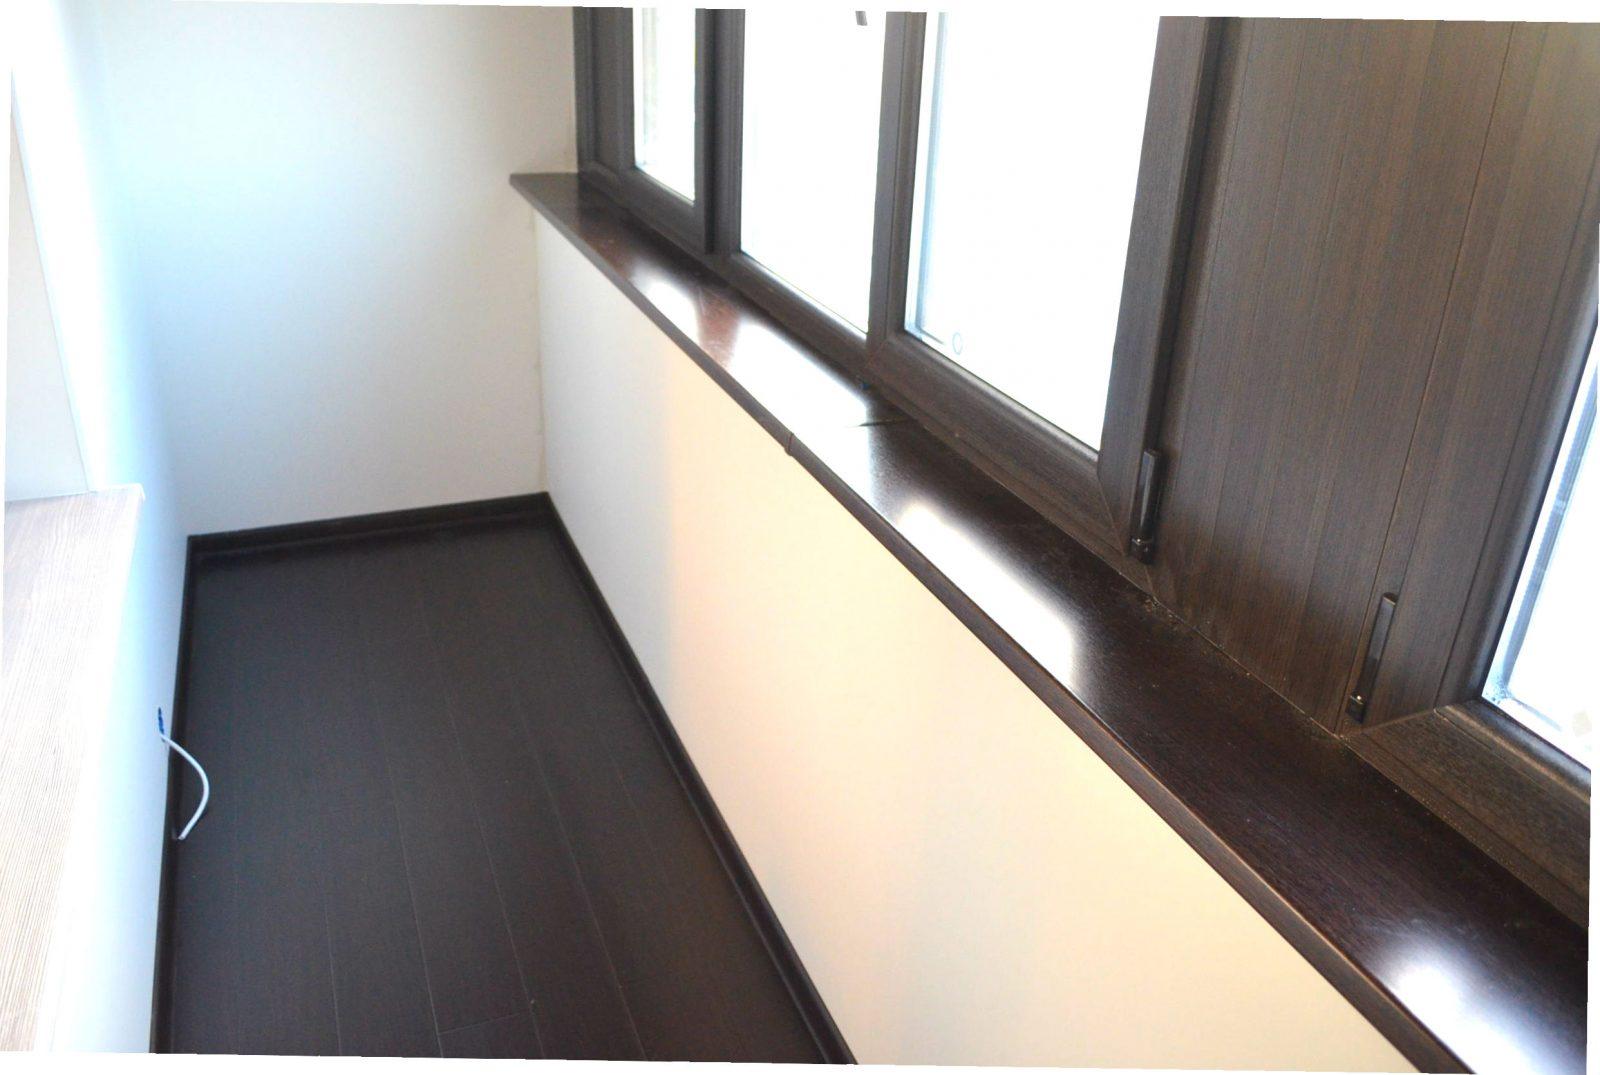 Обшивка стен балкона 3,2 метра гипсокартоном с покраской, це.